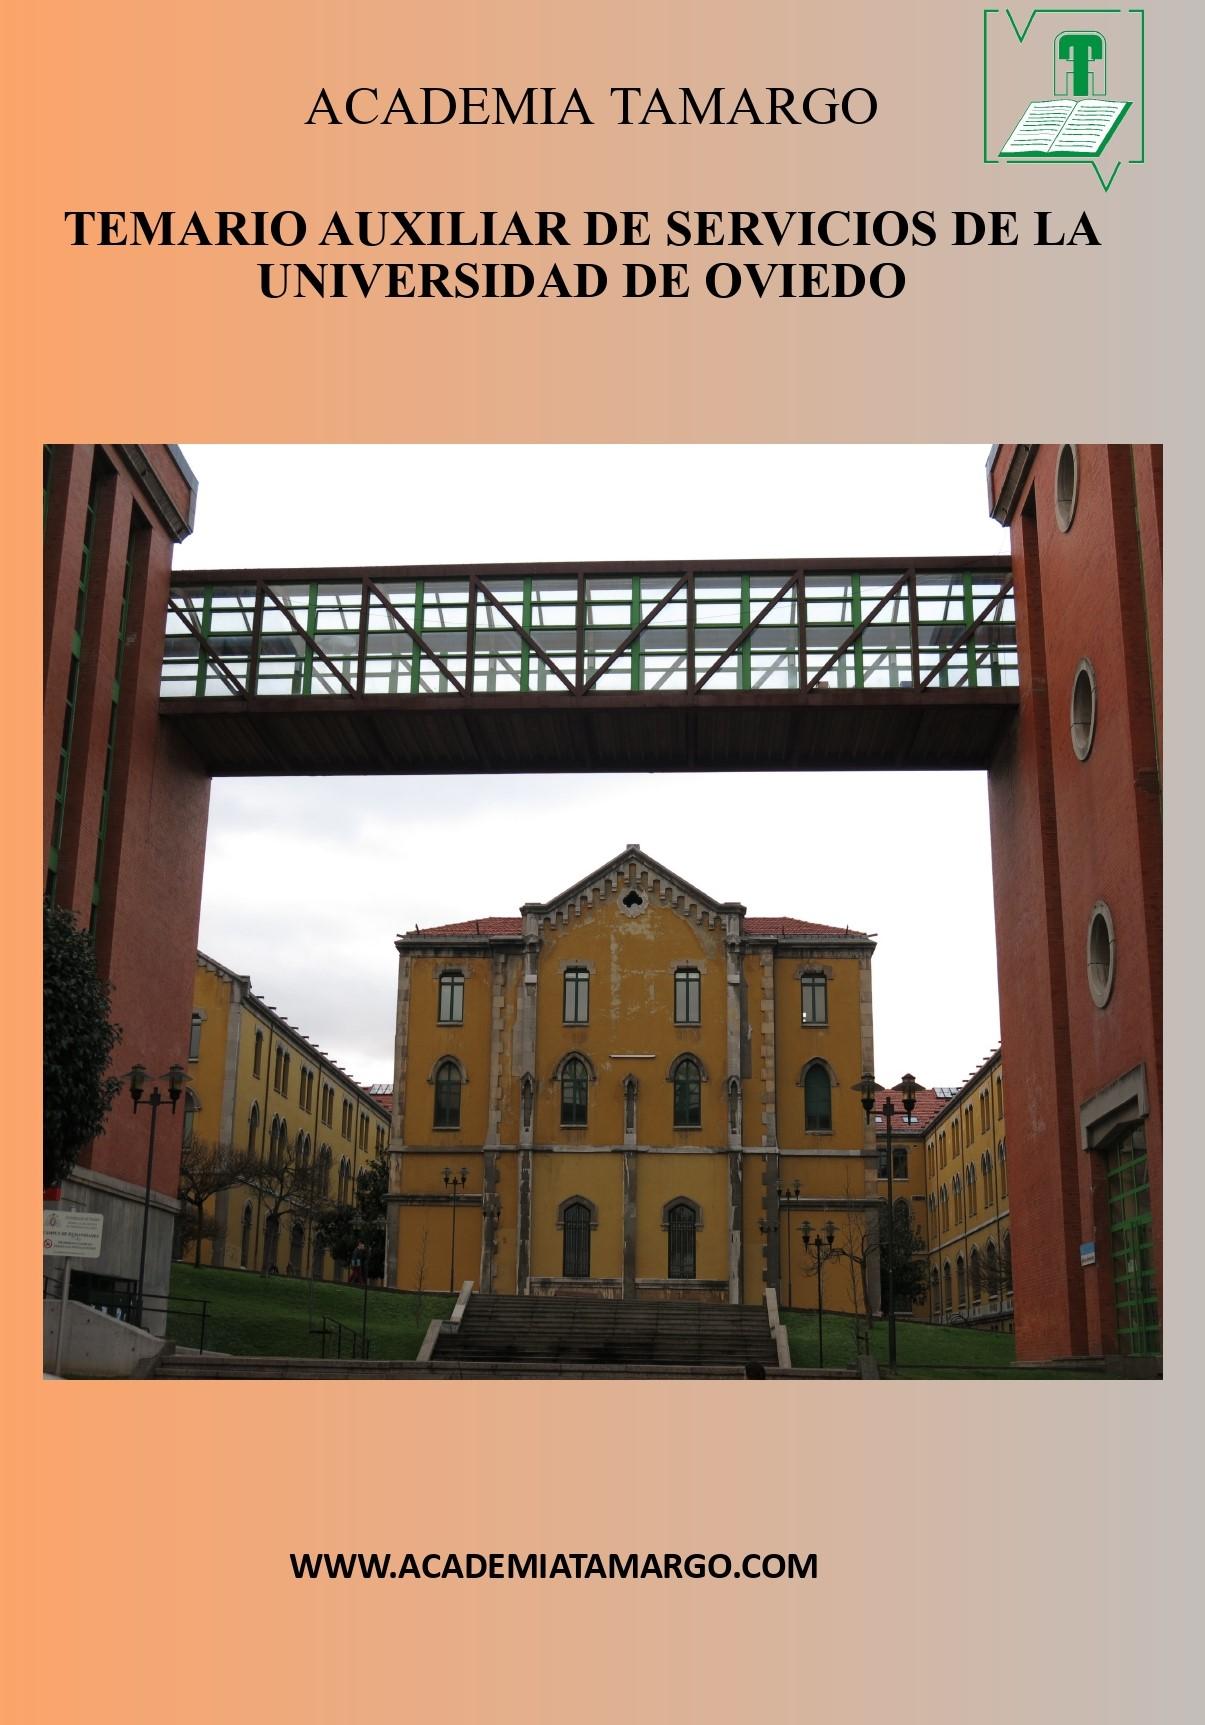 portada, contraportada auxiliar de servicios UNIOVI_page-0001